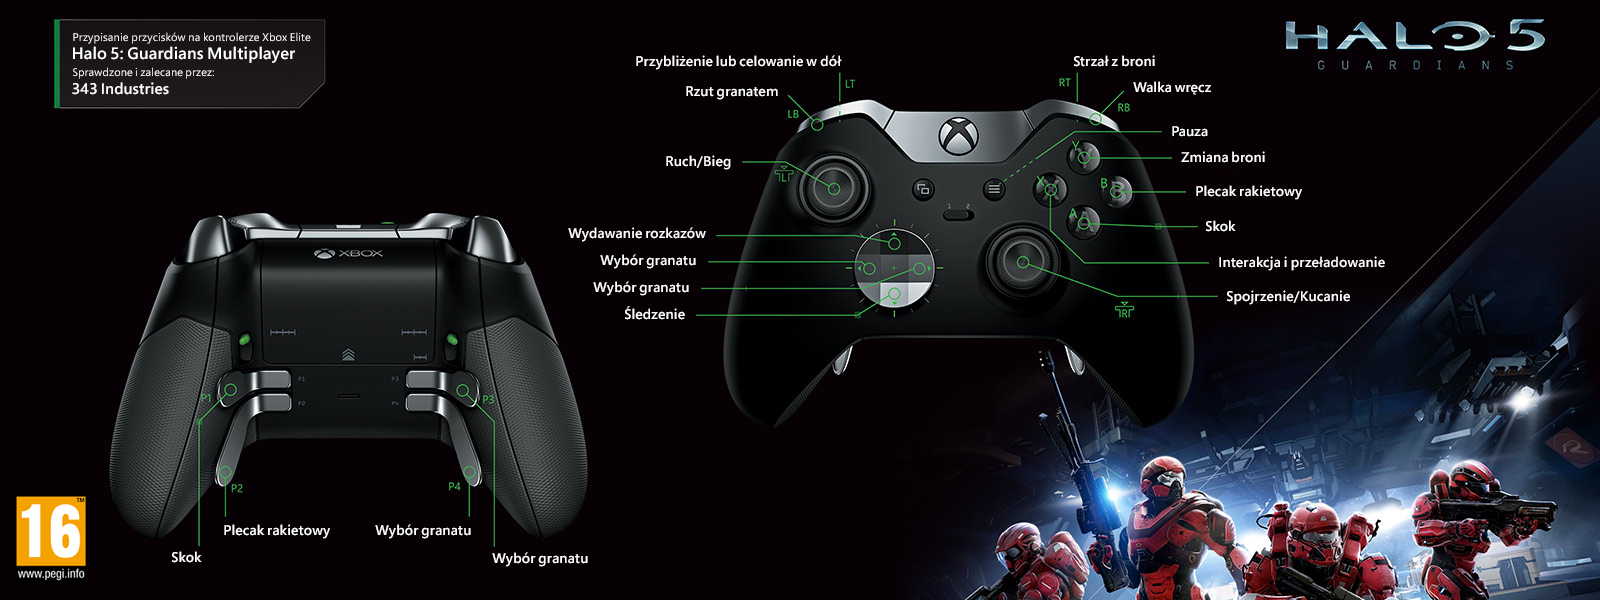 Halo 5: Guardians – mapowanie Elite pod kątem trybu wieloosobowego